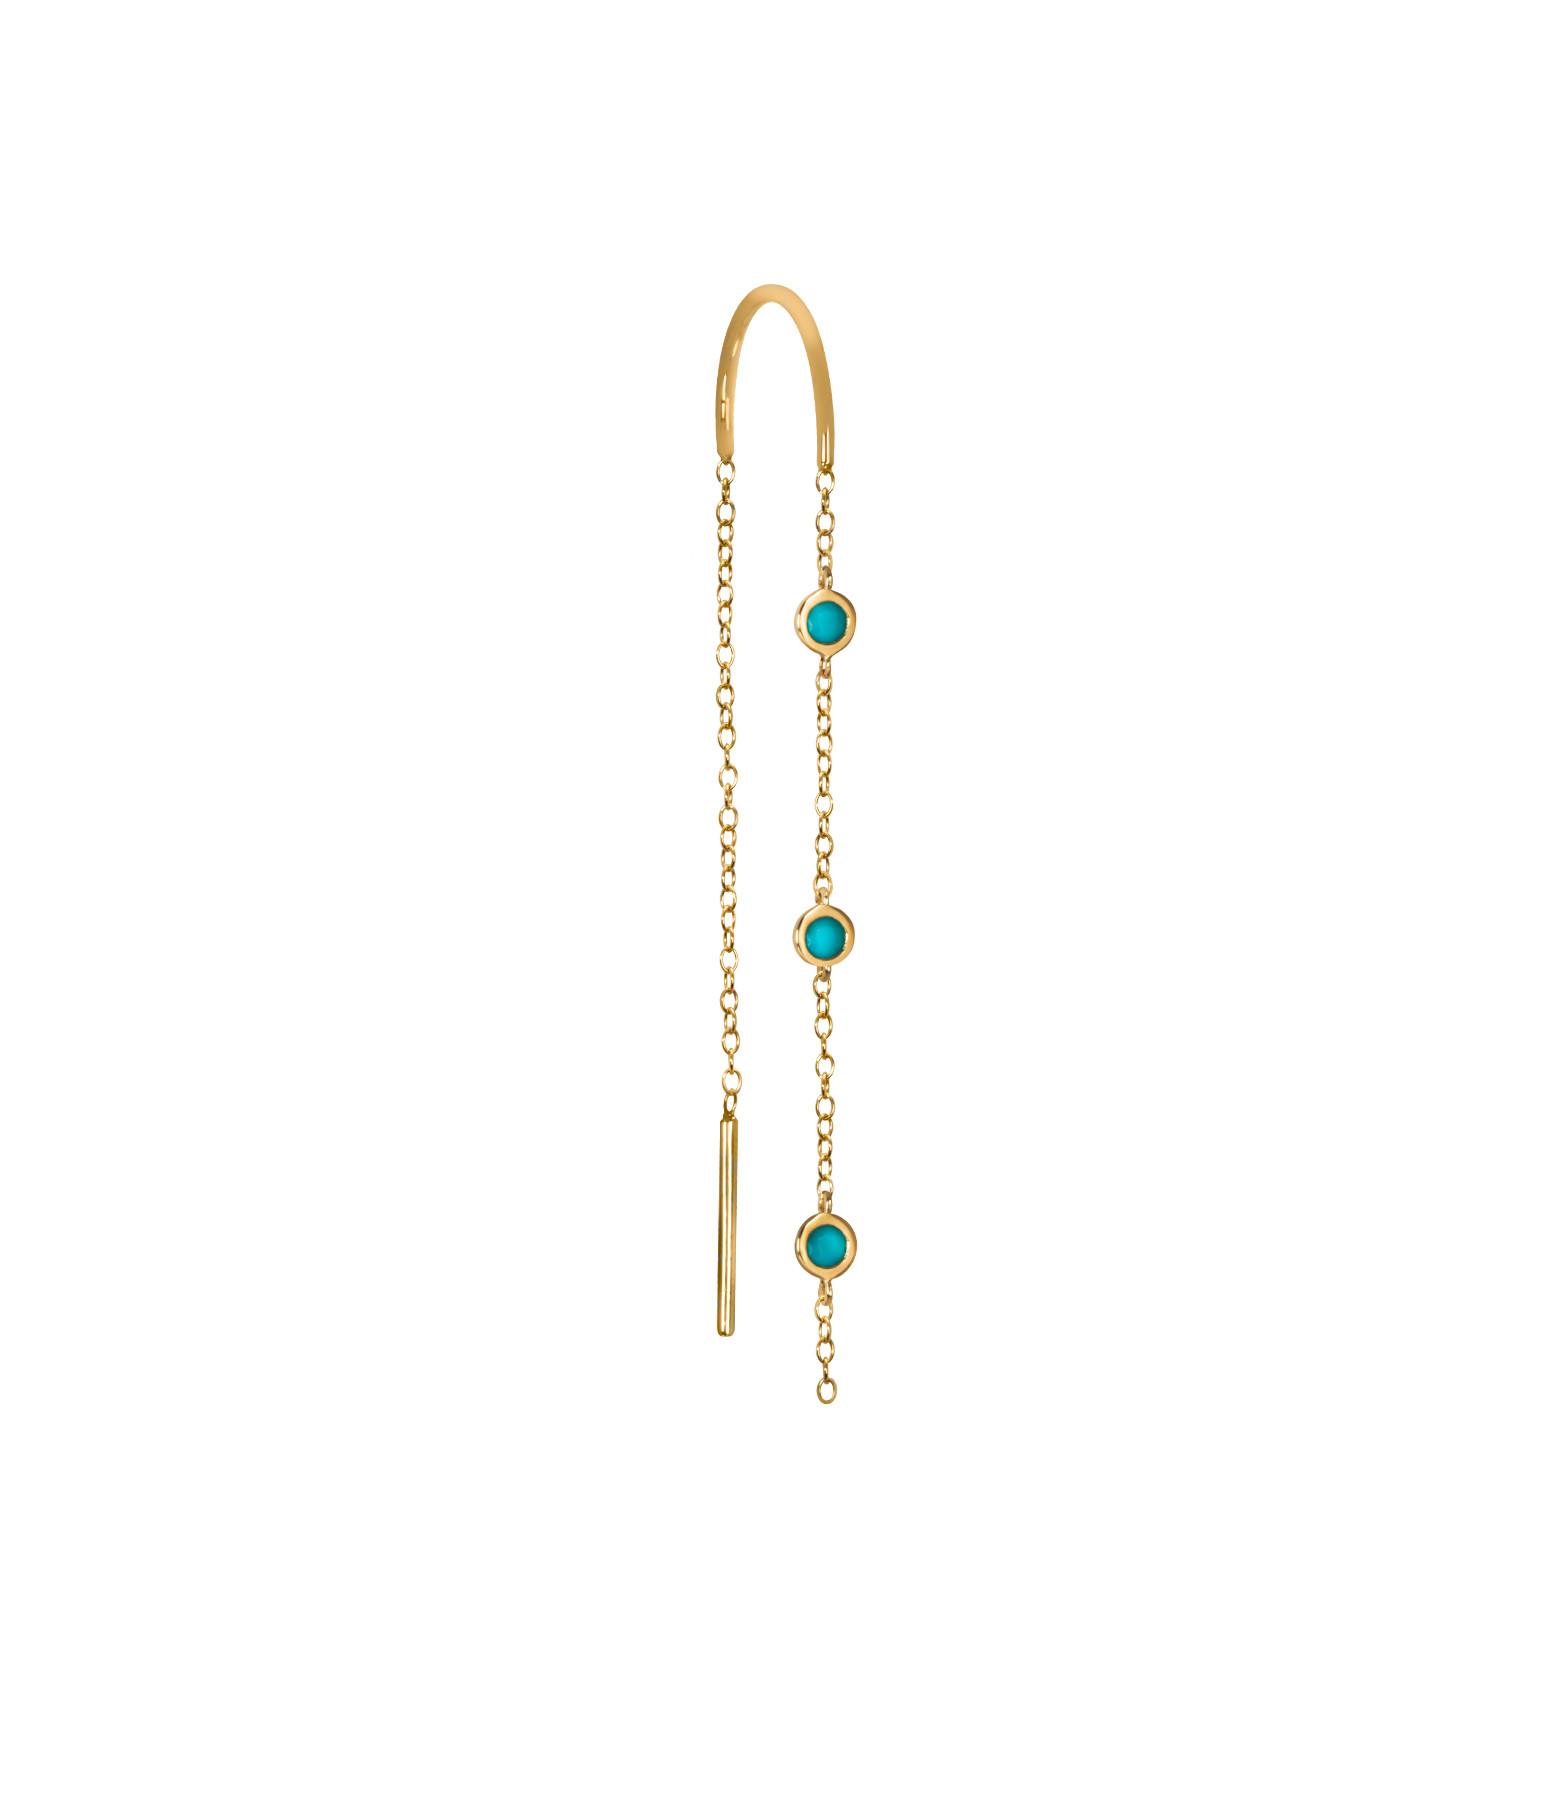 AND...PARIS - Boucle d'oreille Chaîne 3 Drop Turquoises Or (vendue à l'unité)